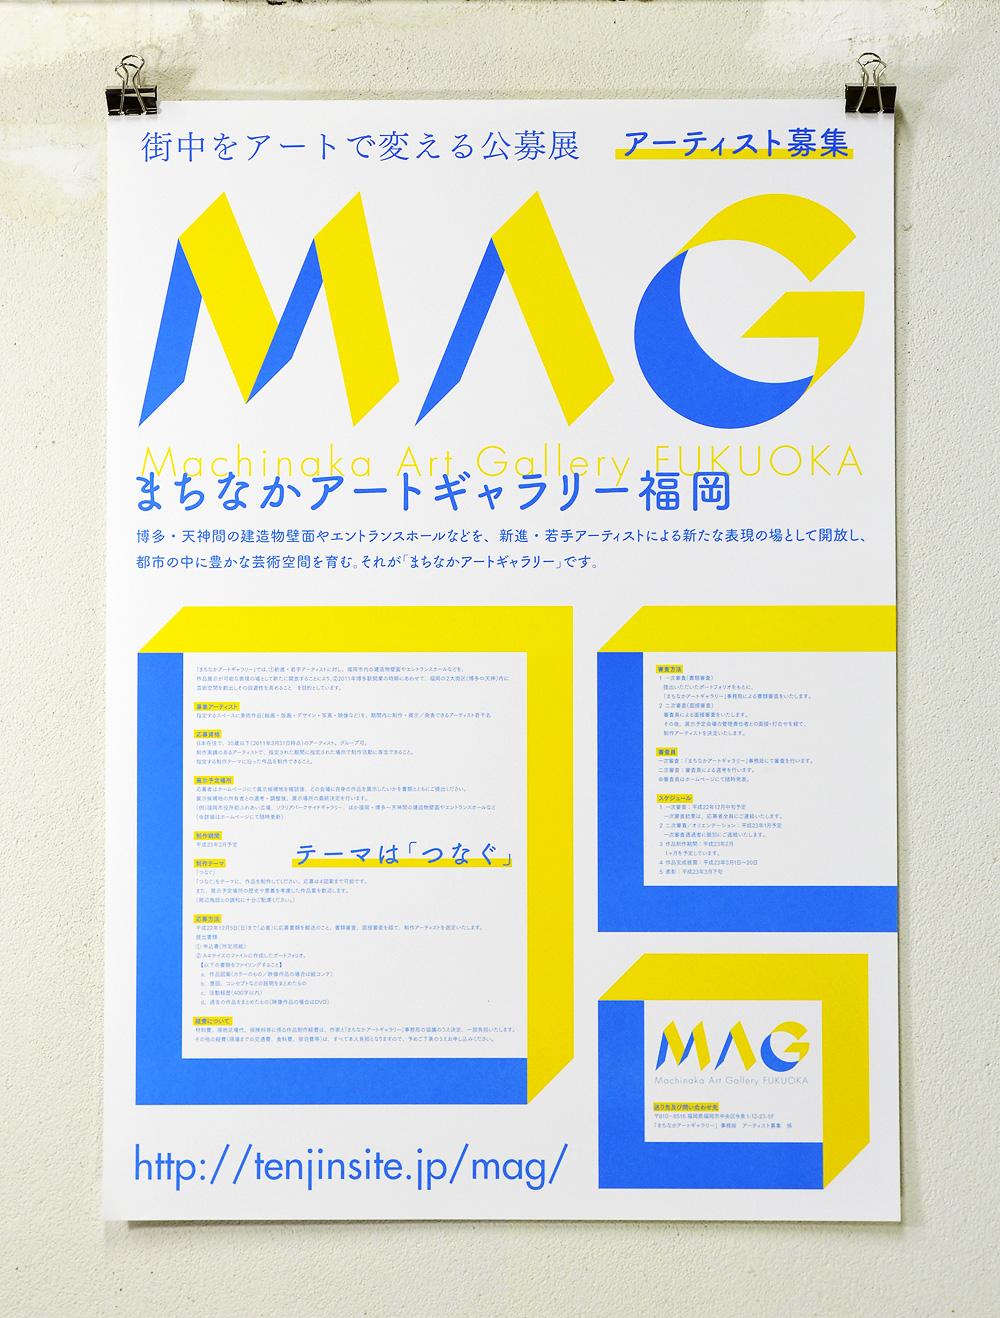 まちなかアートギャラリー福岡2010-2011